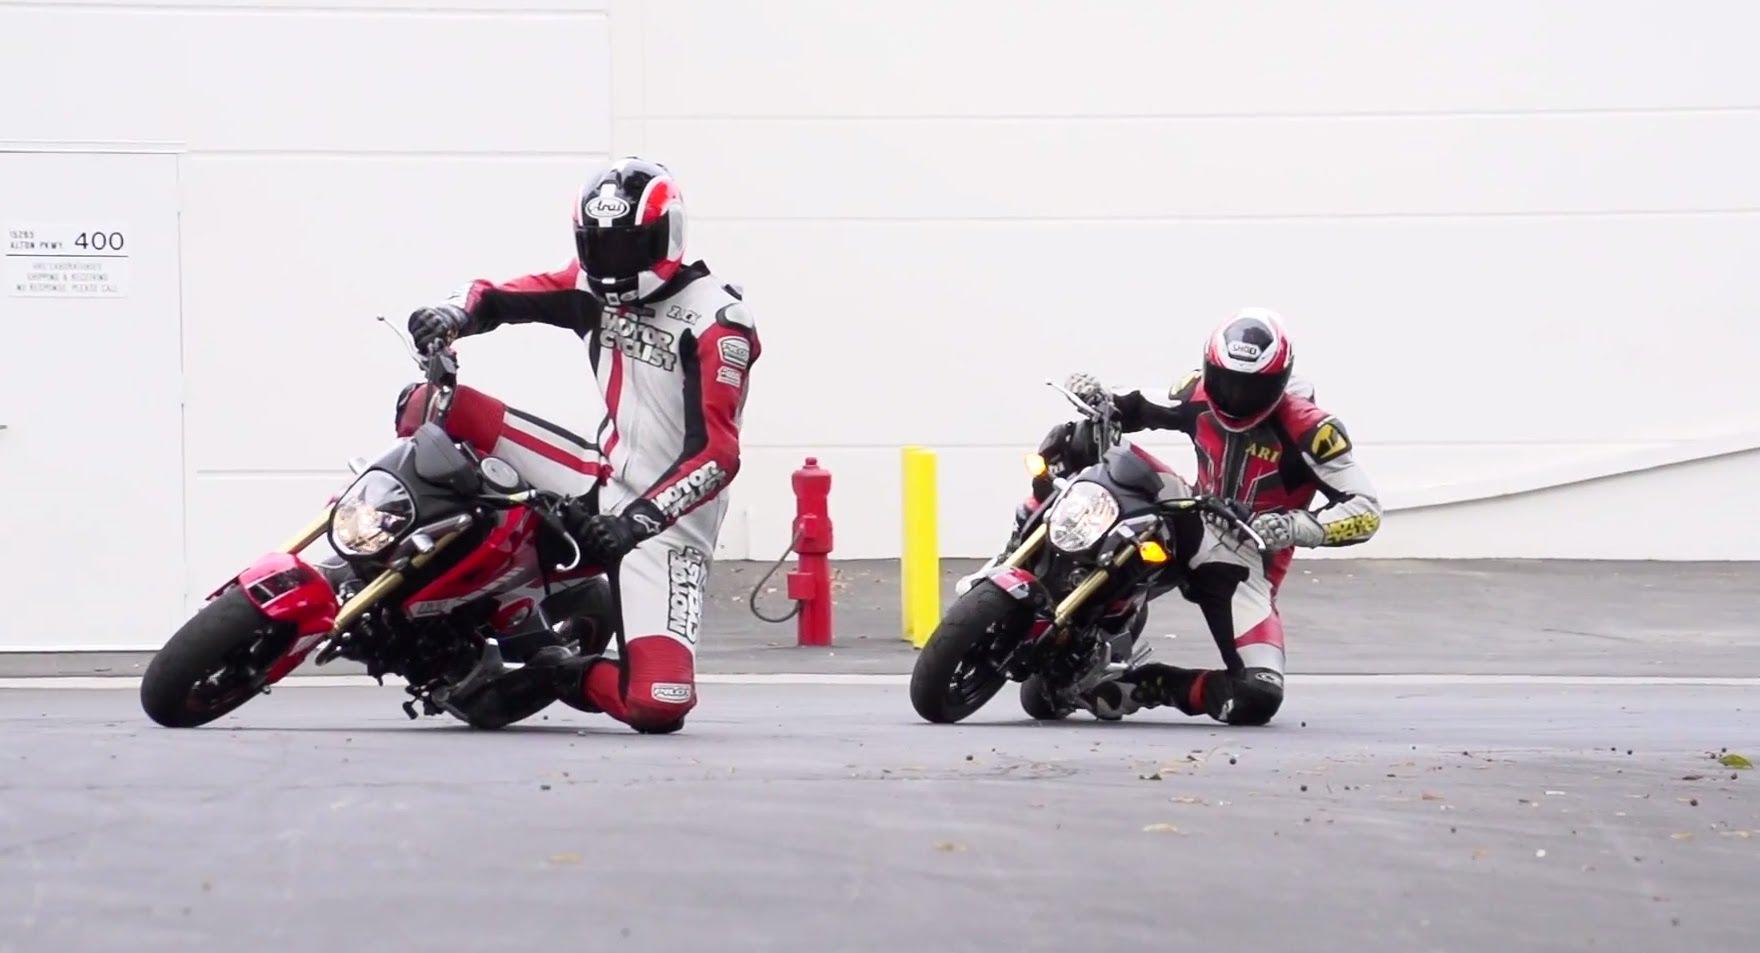 海外でも大人気! これが Honda「 GROM 」の遊び方!